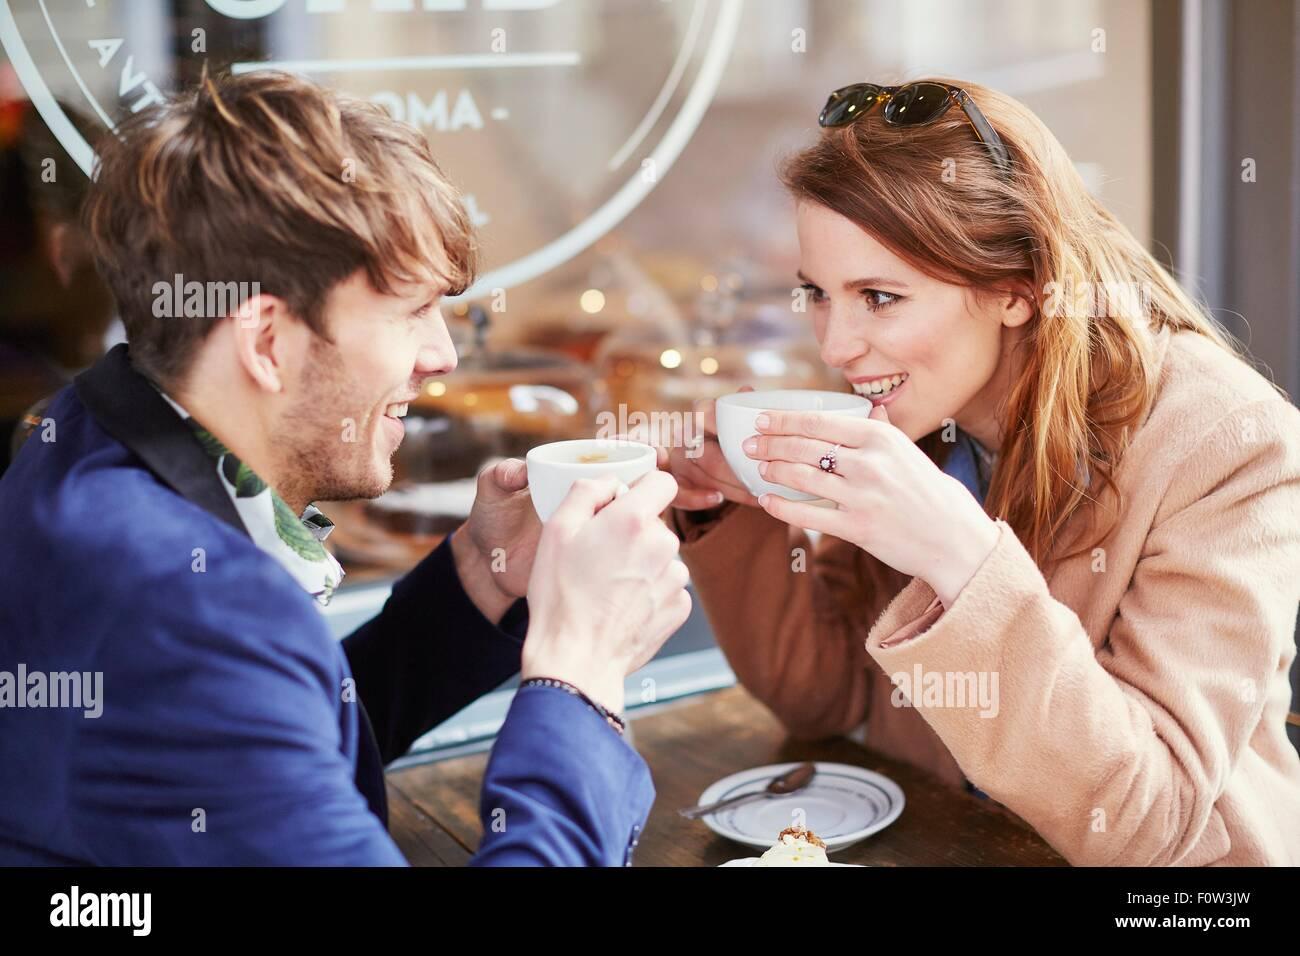 Couple drinking coffee at sidewalk cafe, London, UK - Stock Image